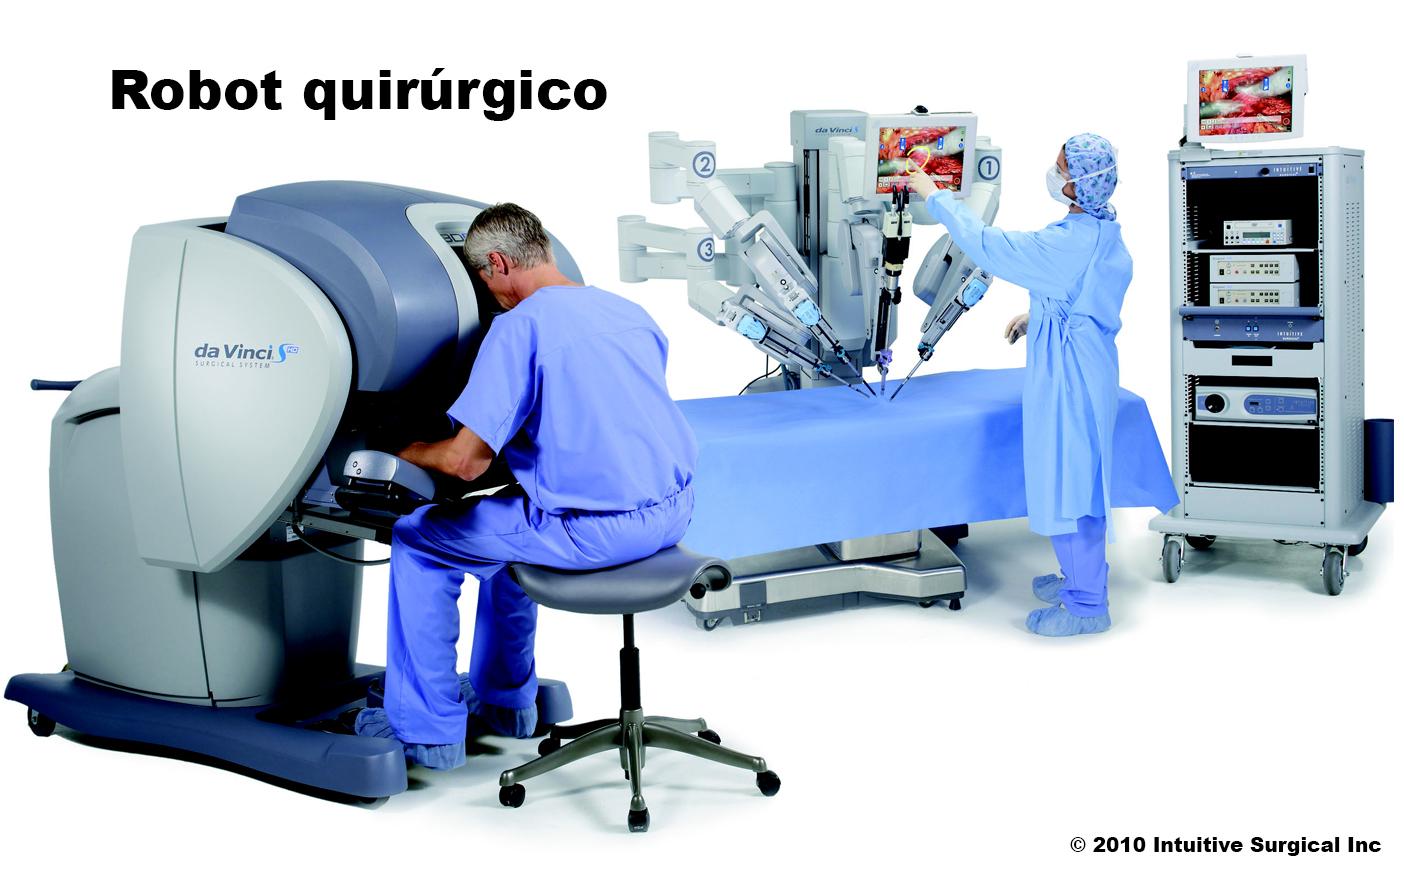 motores-cc-robot-quirurgico-da-vinci